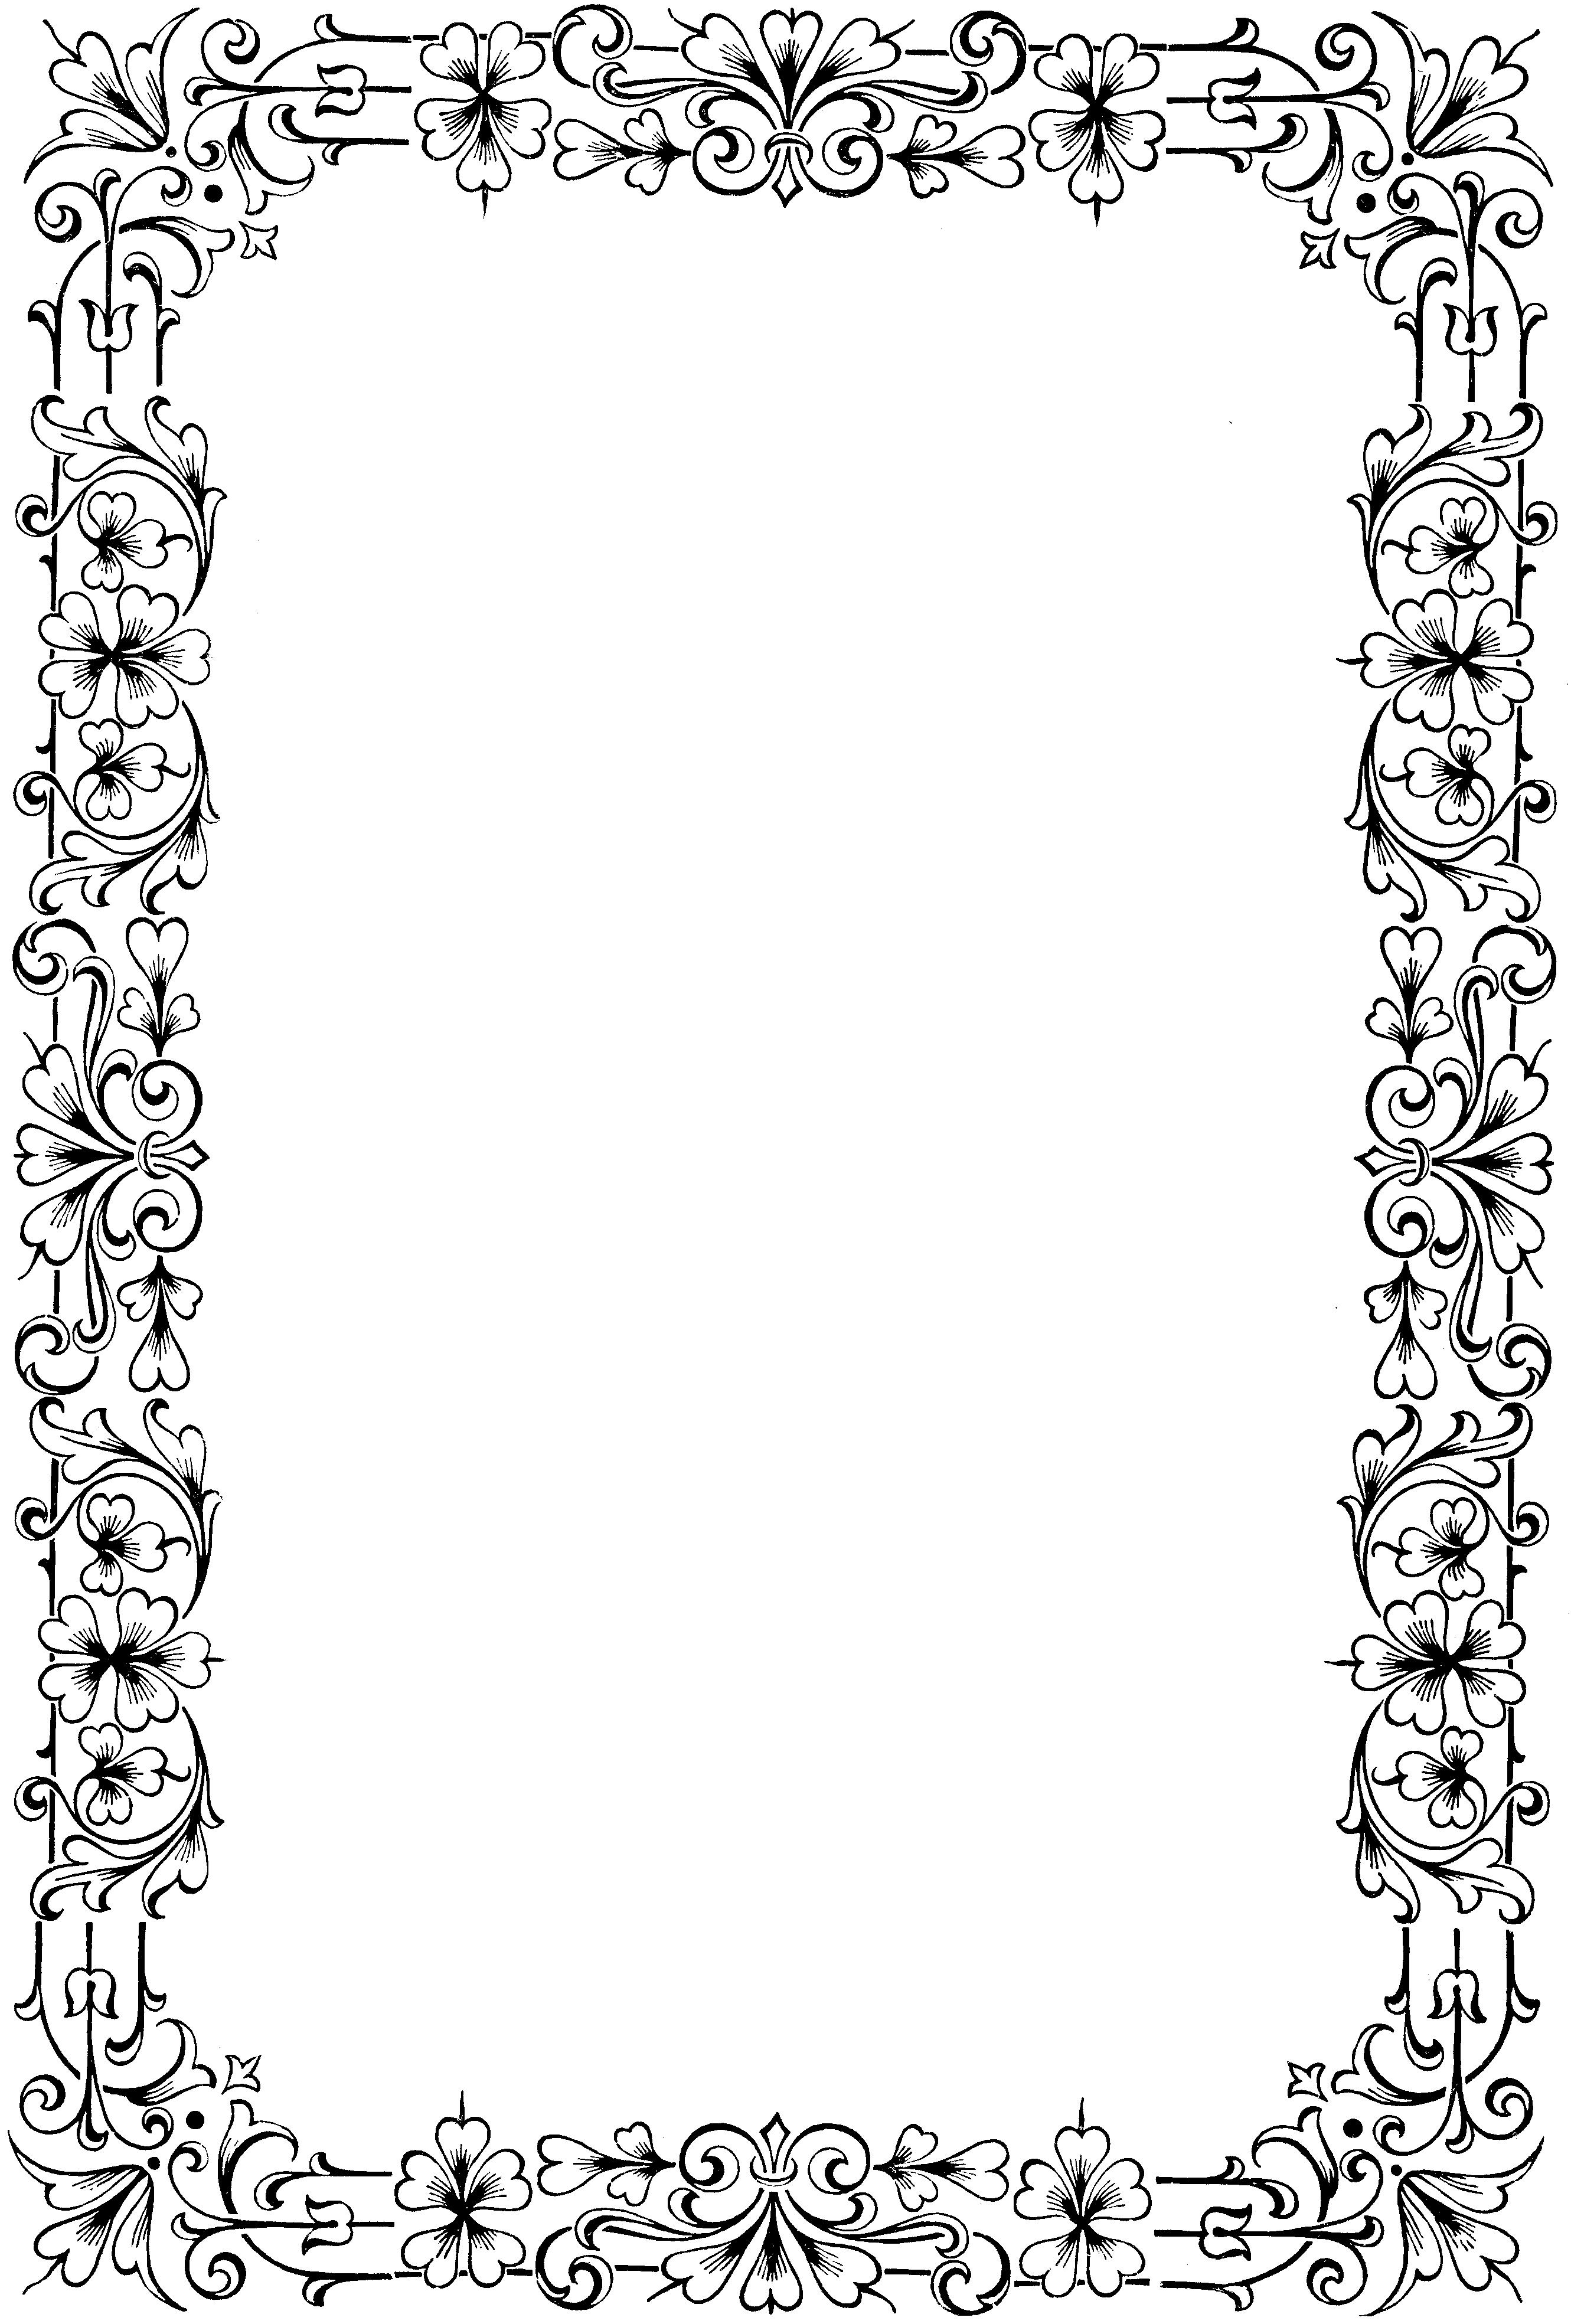 Узоры Белые Для Оформления Текста Word Бесплатно